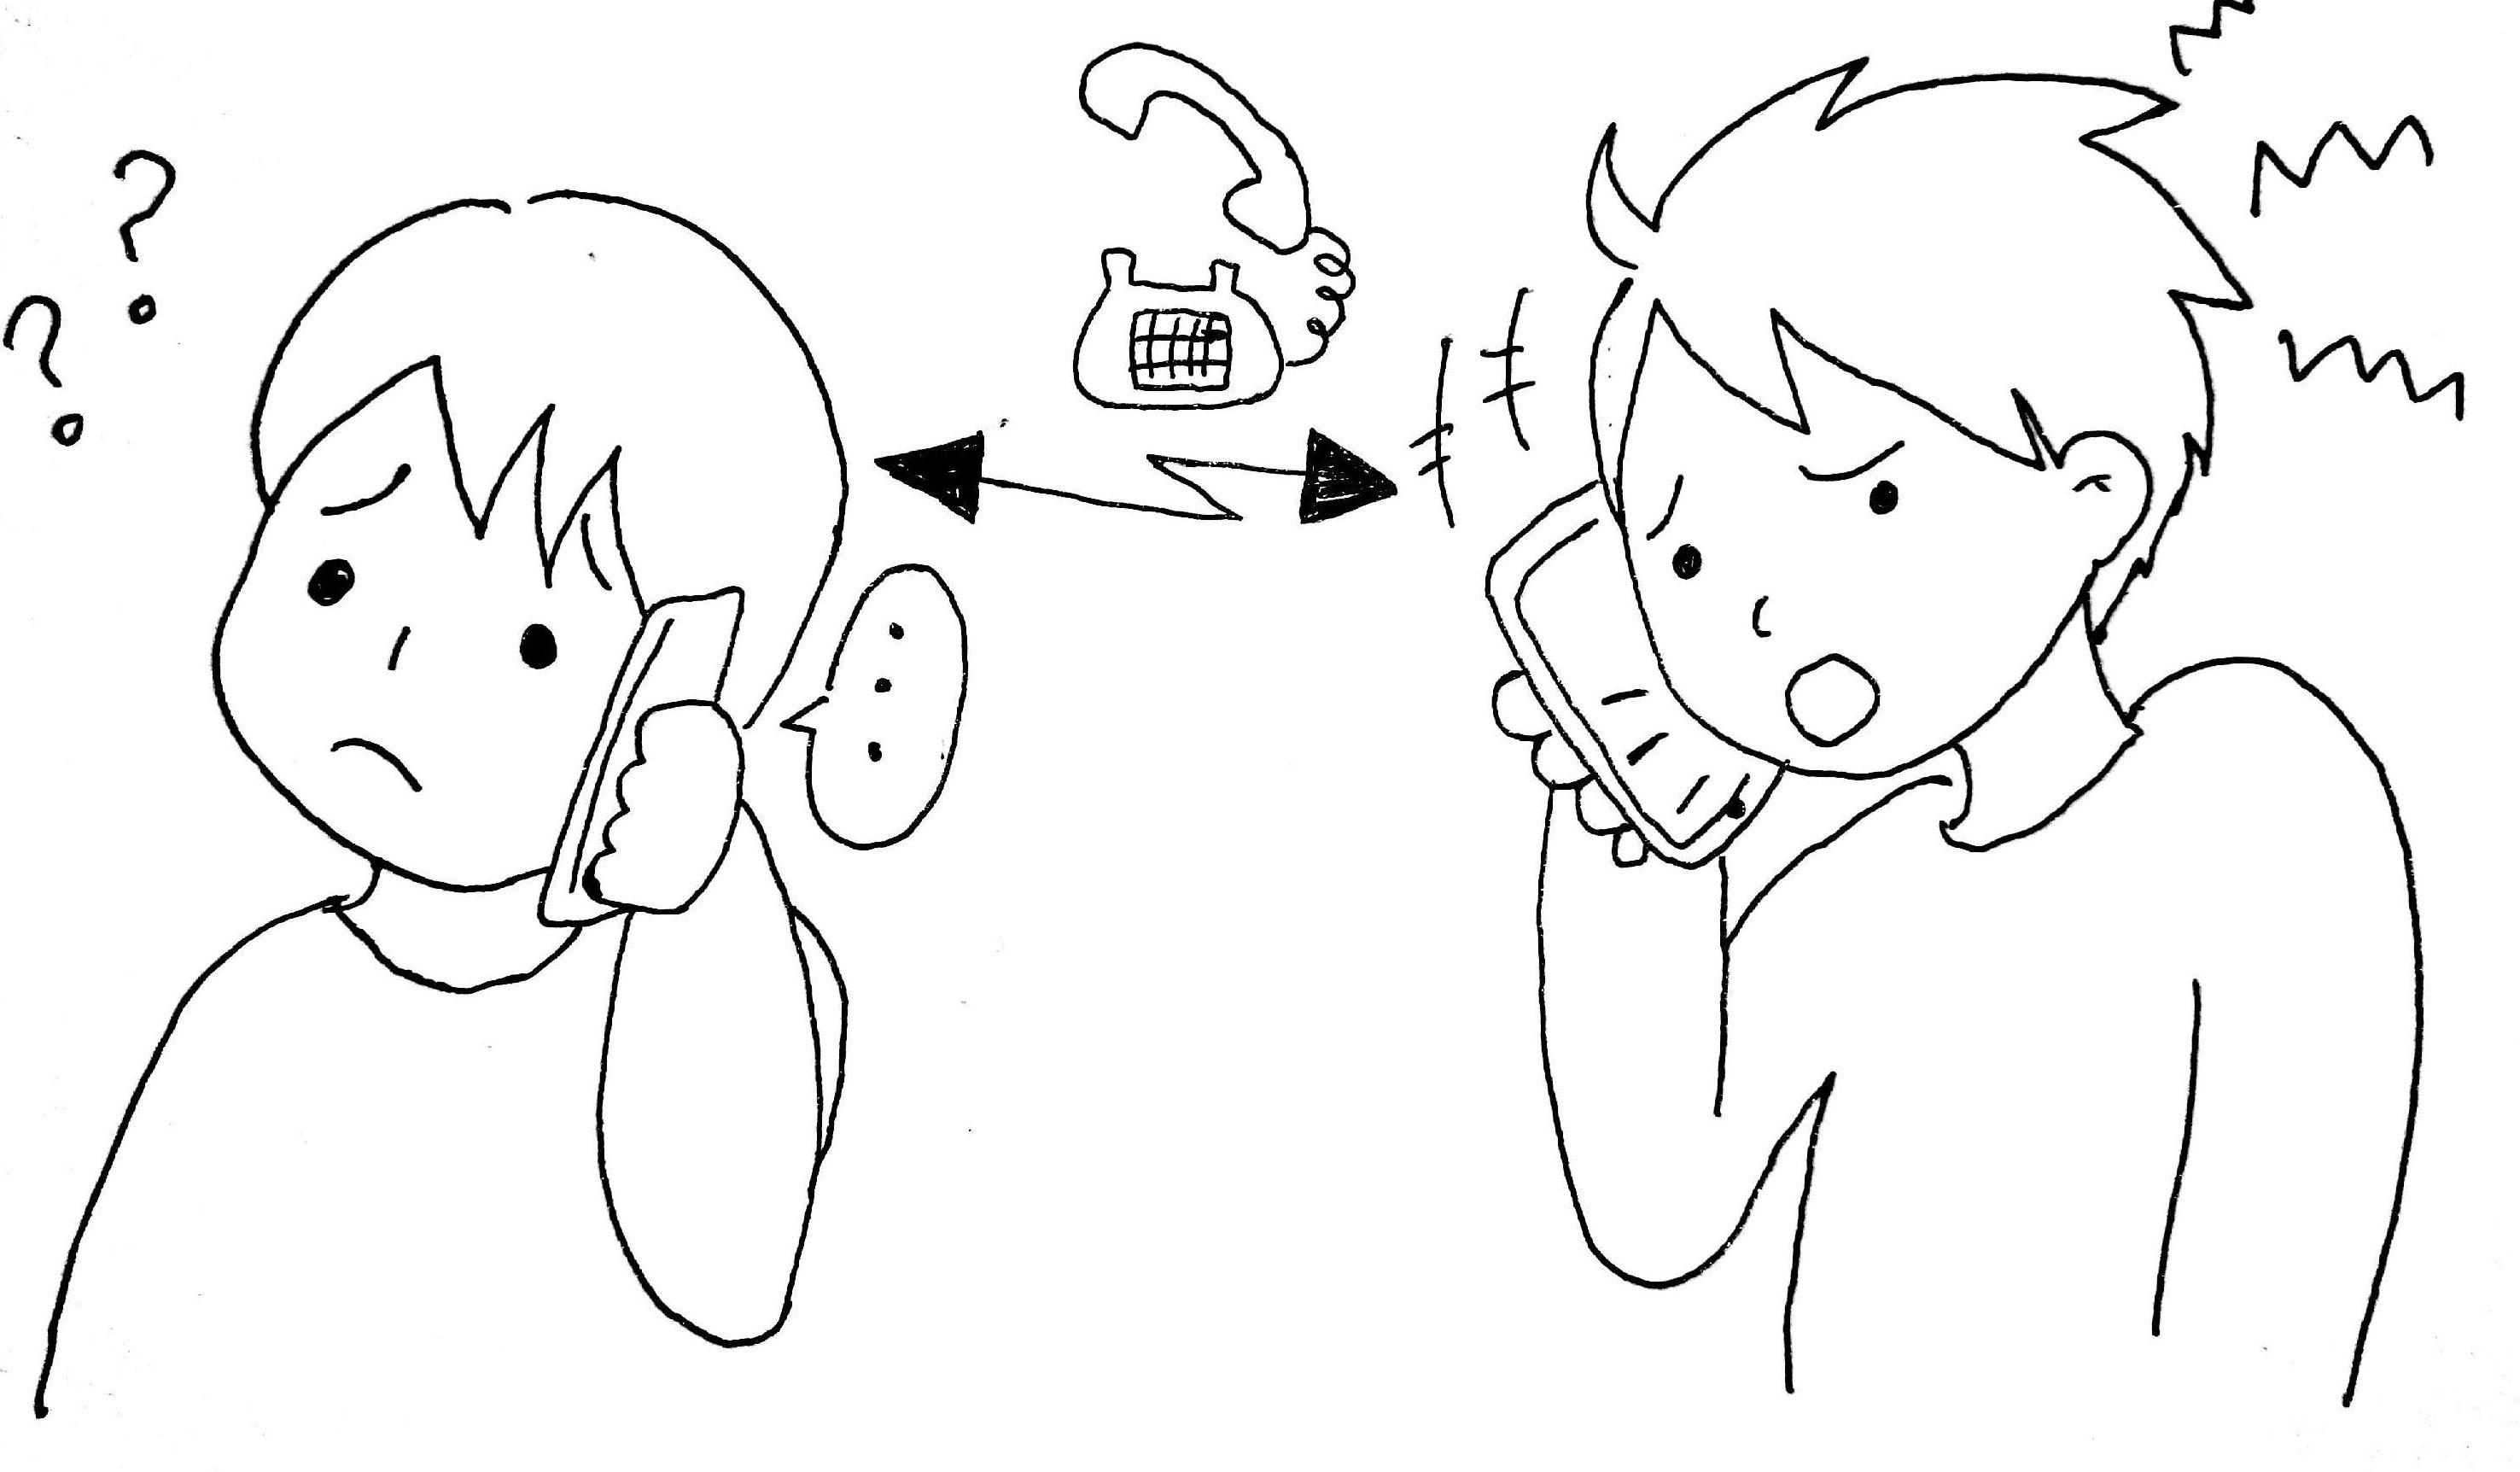 【通話の不具合】相手の声が自分に聞こえない状態に効果的な対処法を紹介!【android】